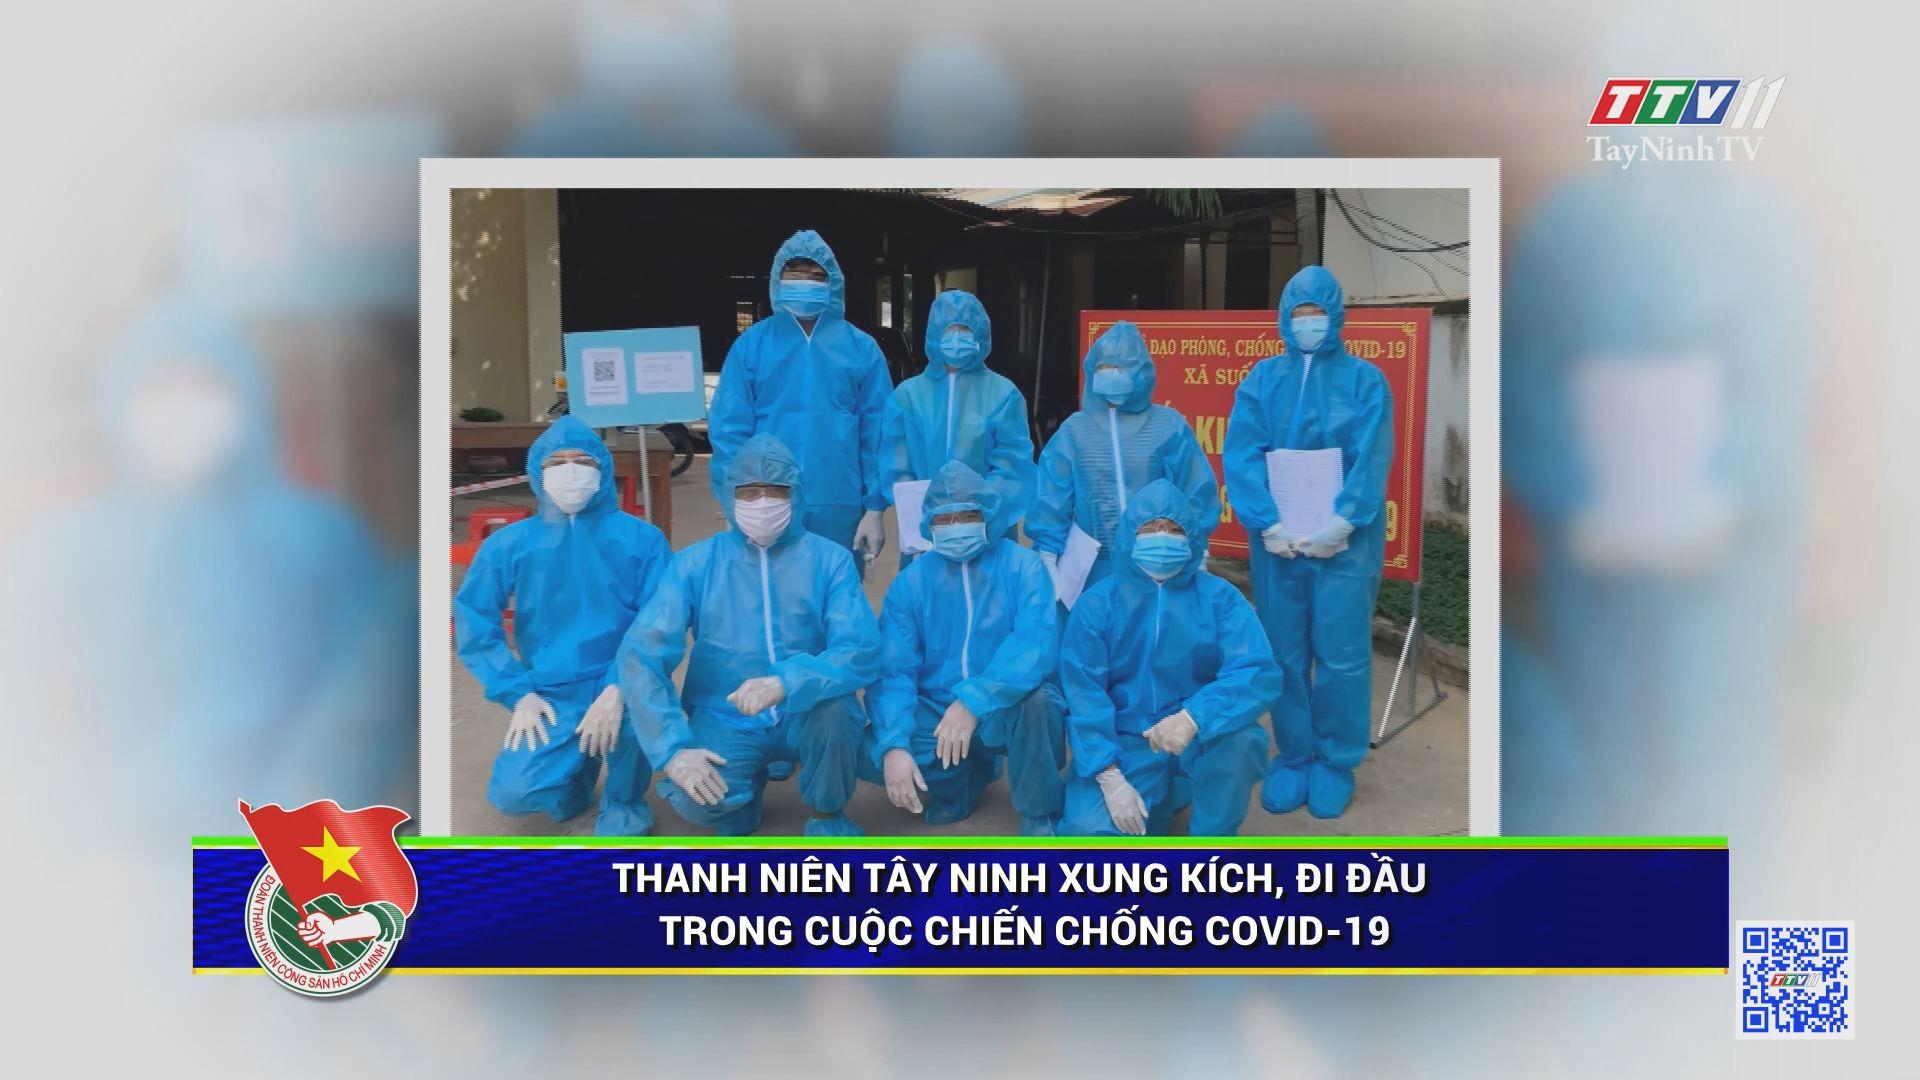 Thanh niên Tây Ninh xung kích, đi đầu trong cuộc chiến chống Covid-19 | THANH NIÊN | TayNinhTV